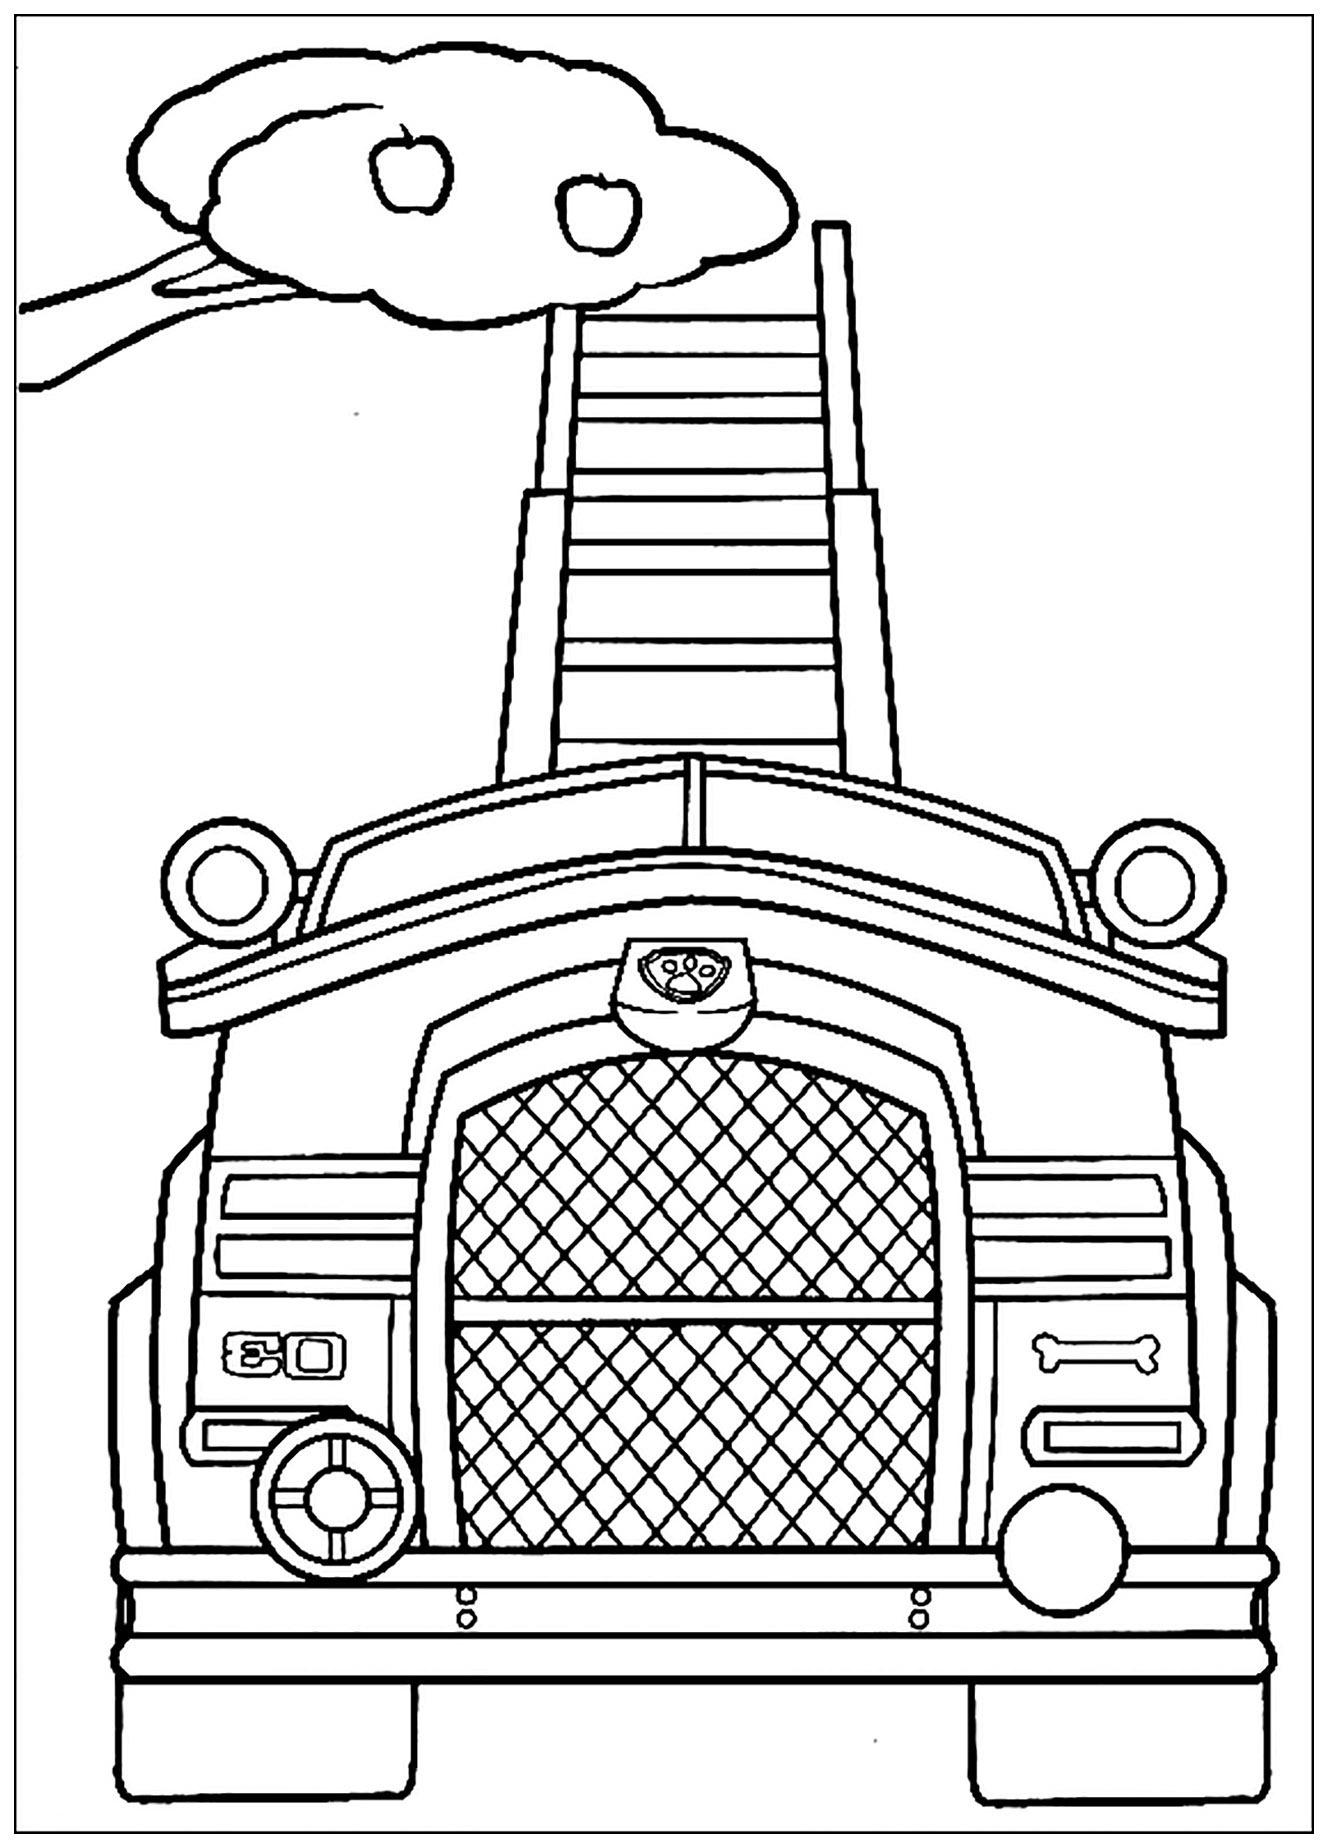 Pat Patrouille : Véhicule De Récolte - Coloriage Pat à Coloriage Vehicule